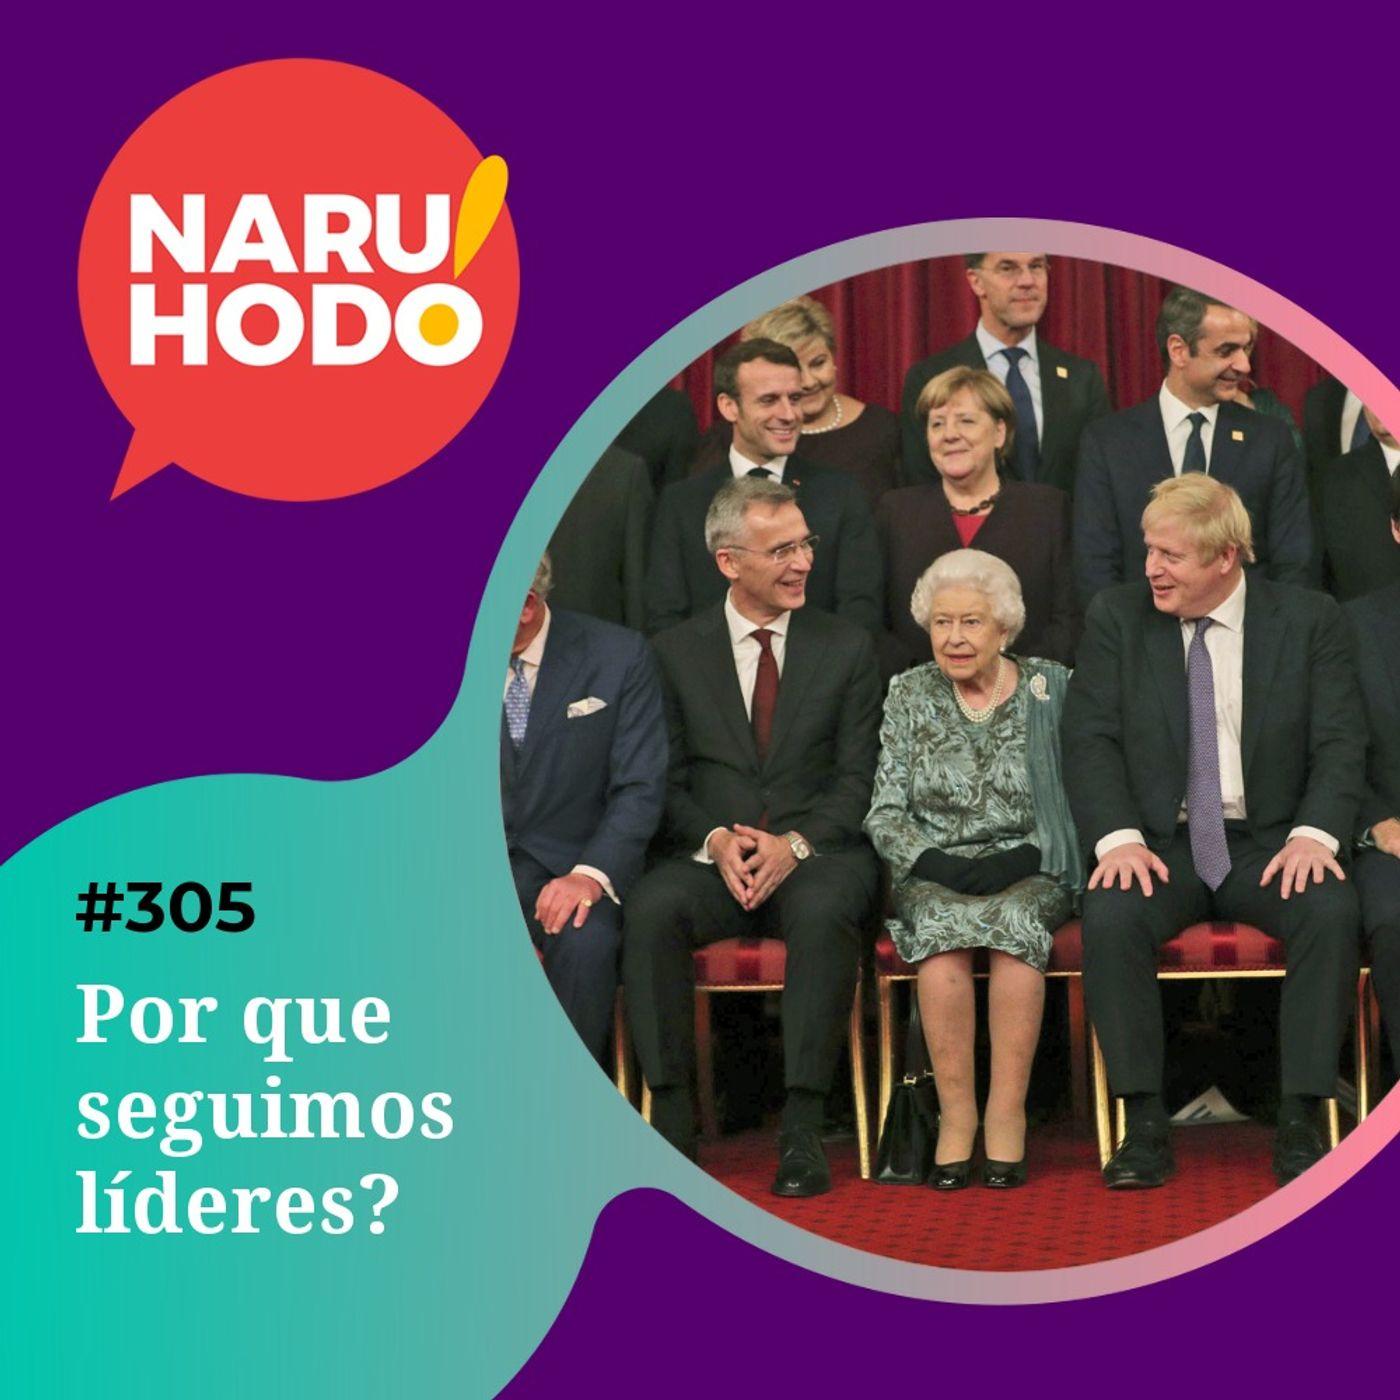 Naruhodo #305 - Por que seguimos líderes?